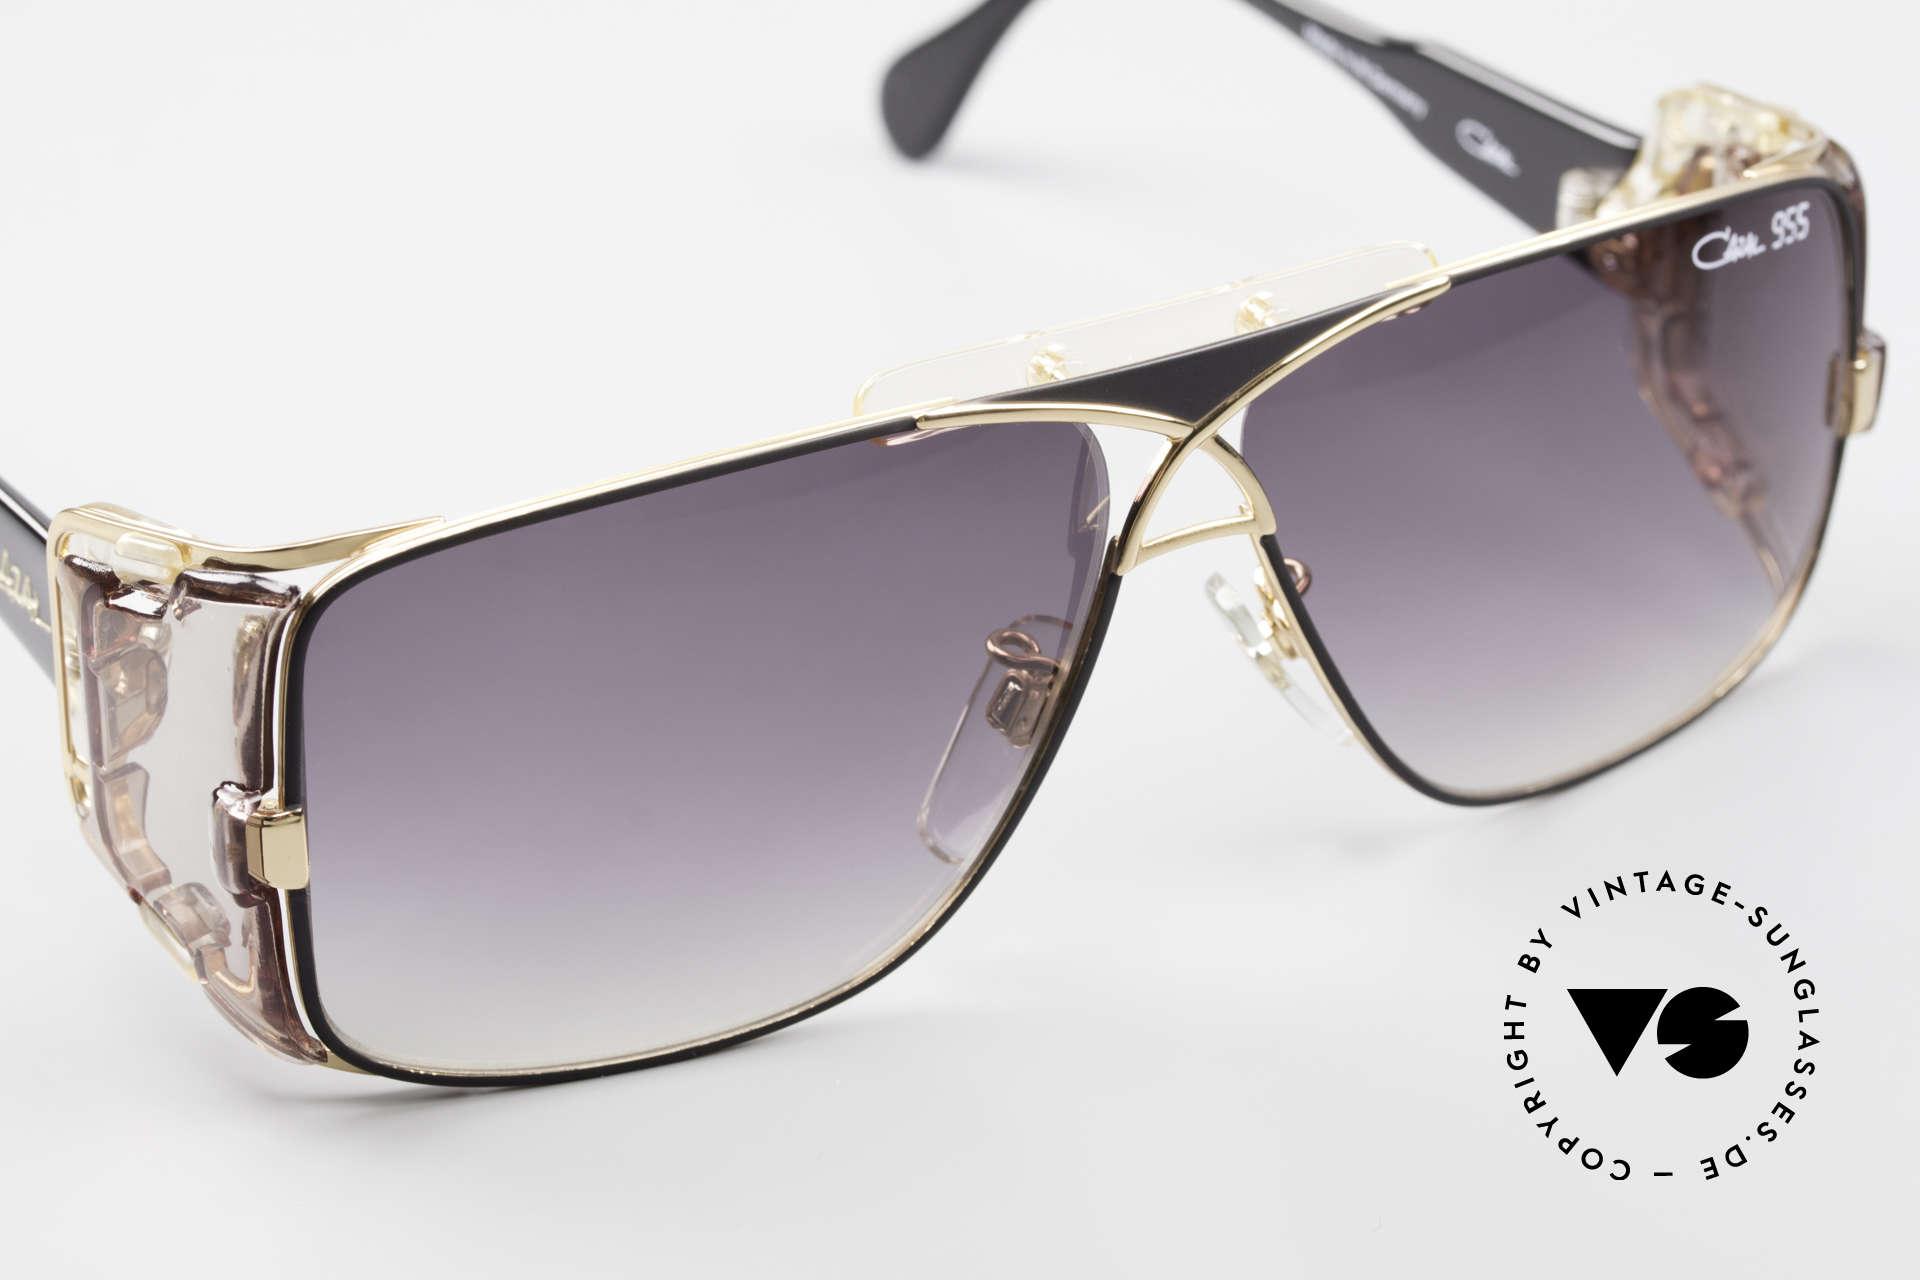 Cazal 955 80er Hip Hop Sonnenbrille, NICHT die 2010er Wiederauflage, sondern echt 80er!, Passend für Herren